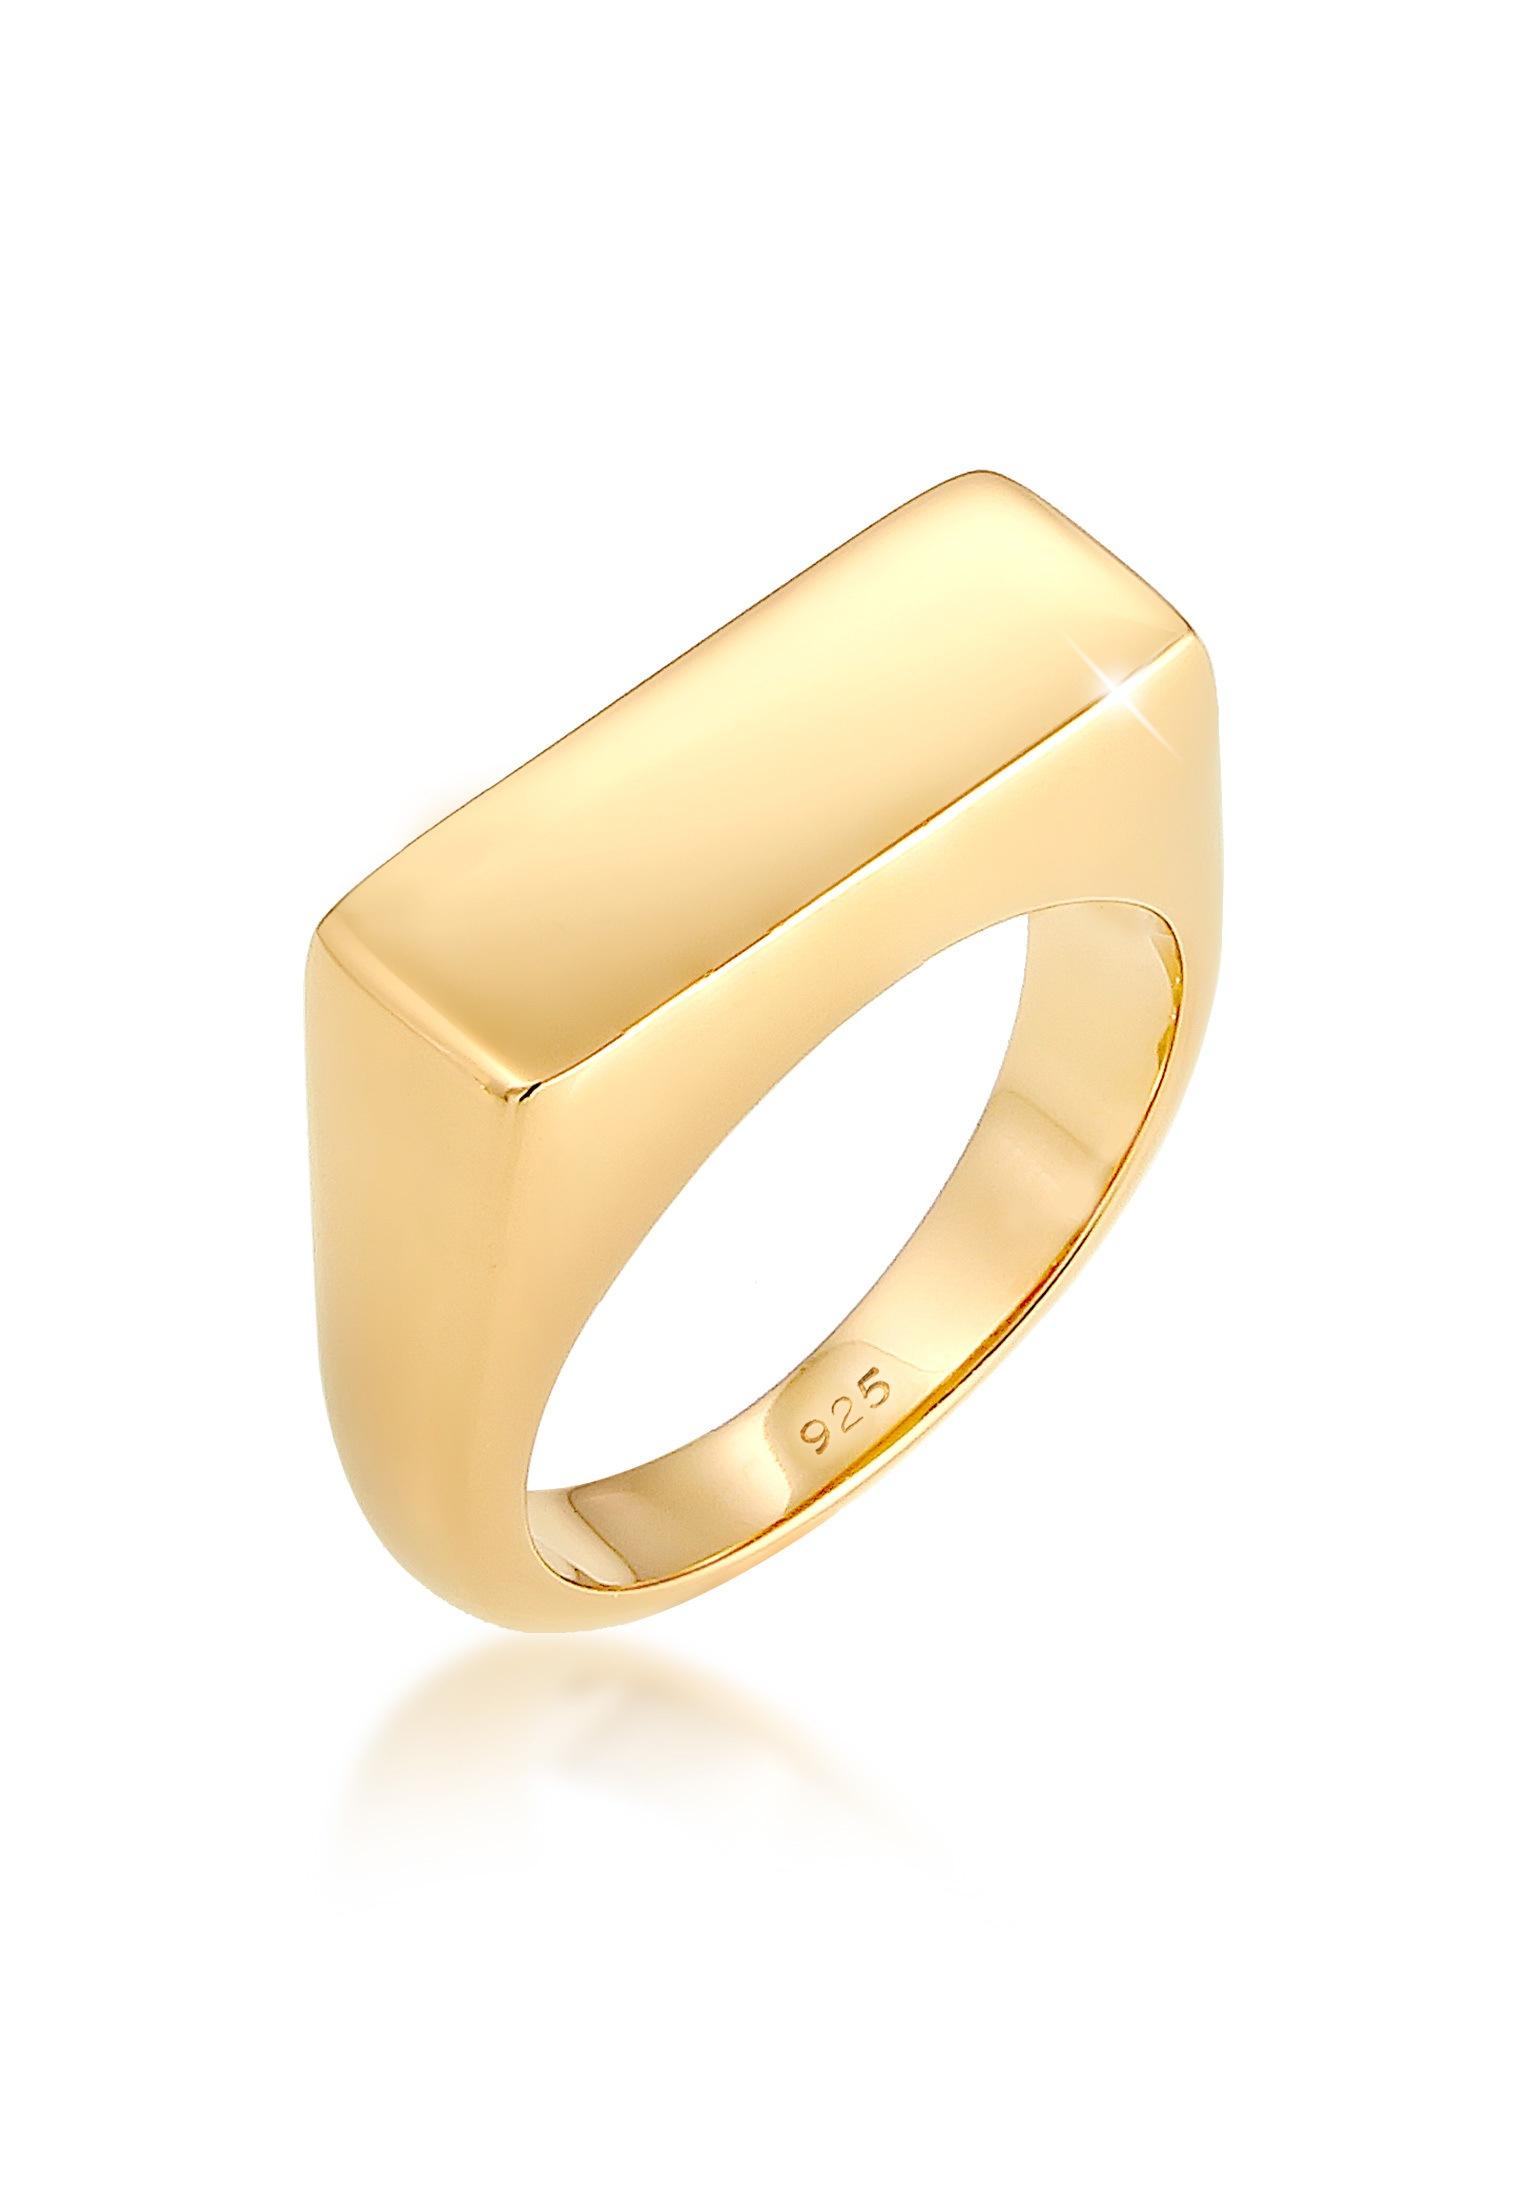 Elli Fingerring Siegelring Matt Schlicht Trend 925 Silber | Schmuck > Ringe | Elli